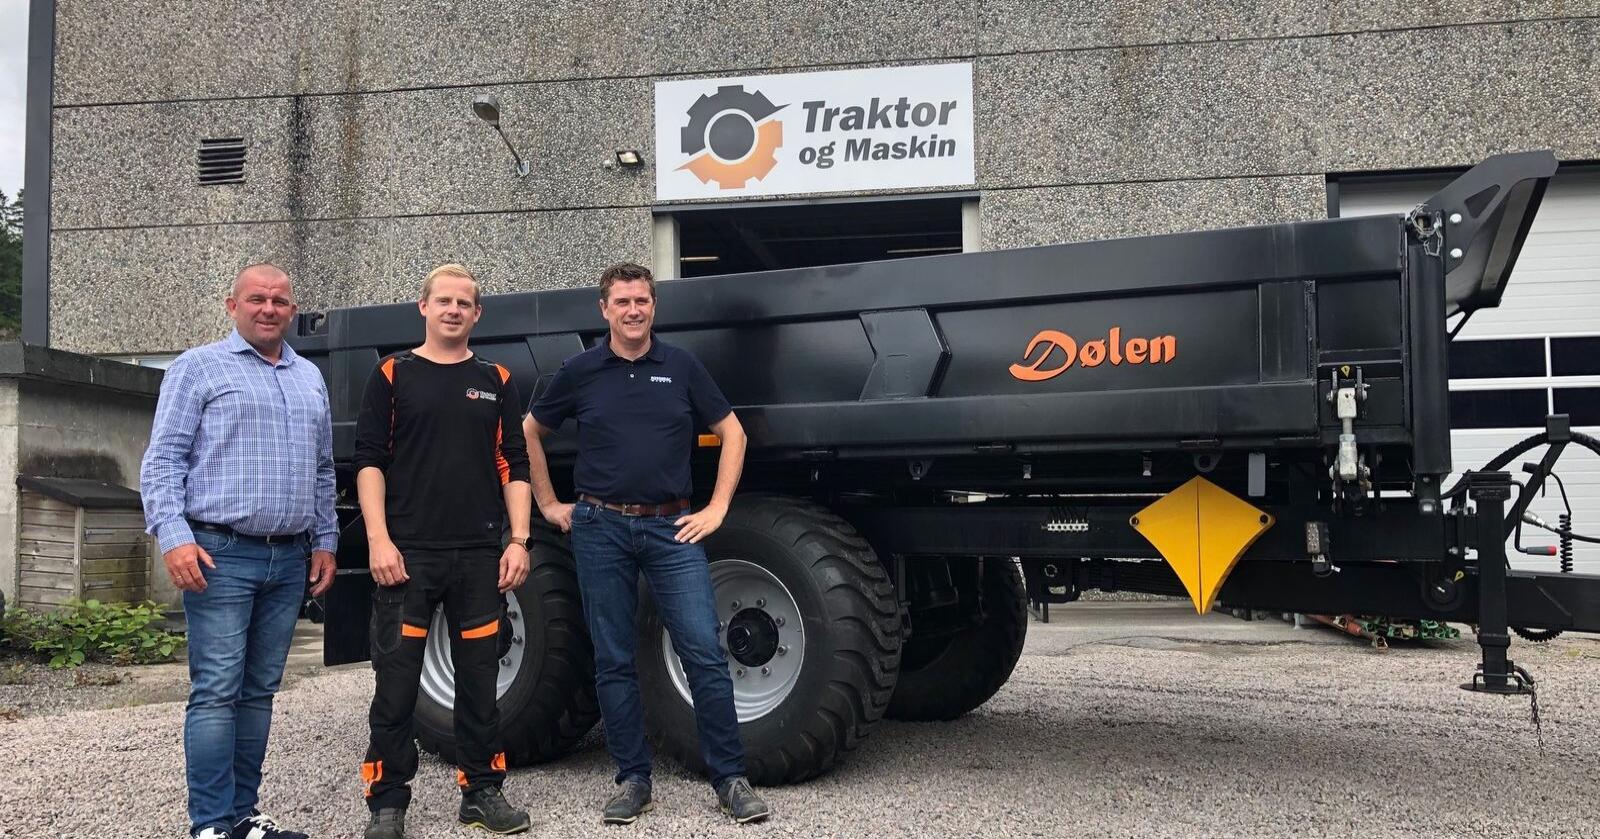 Eldar Undheim fra Rosendal Maskin AS (f.v), Trond Widar Løyning fra Traktor og Maskin AS og Tor Anders Høgaas, også fra Rosendal Maskin AS ser fram til samarbeidet rundt salg av Dølen-hengerne.